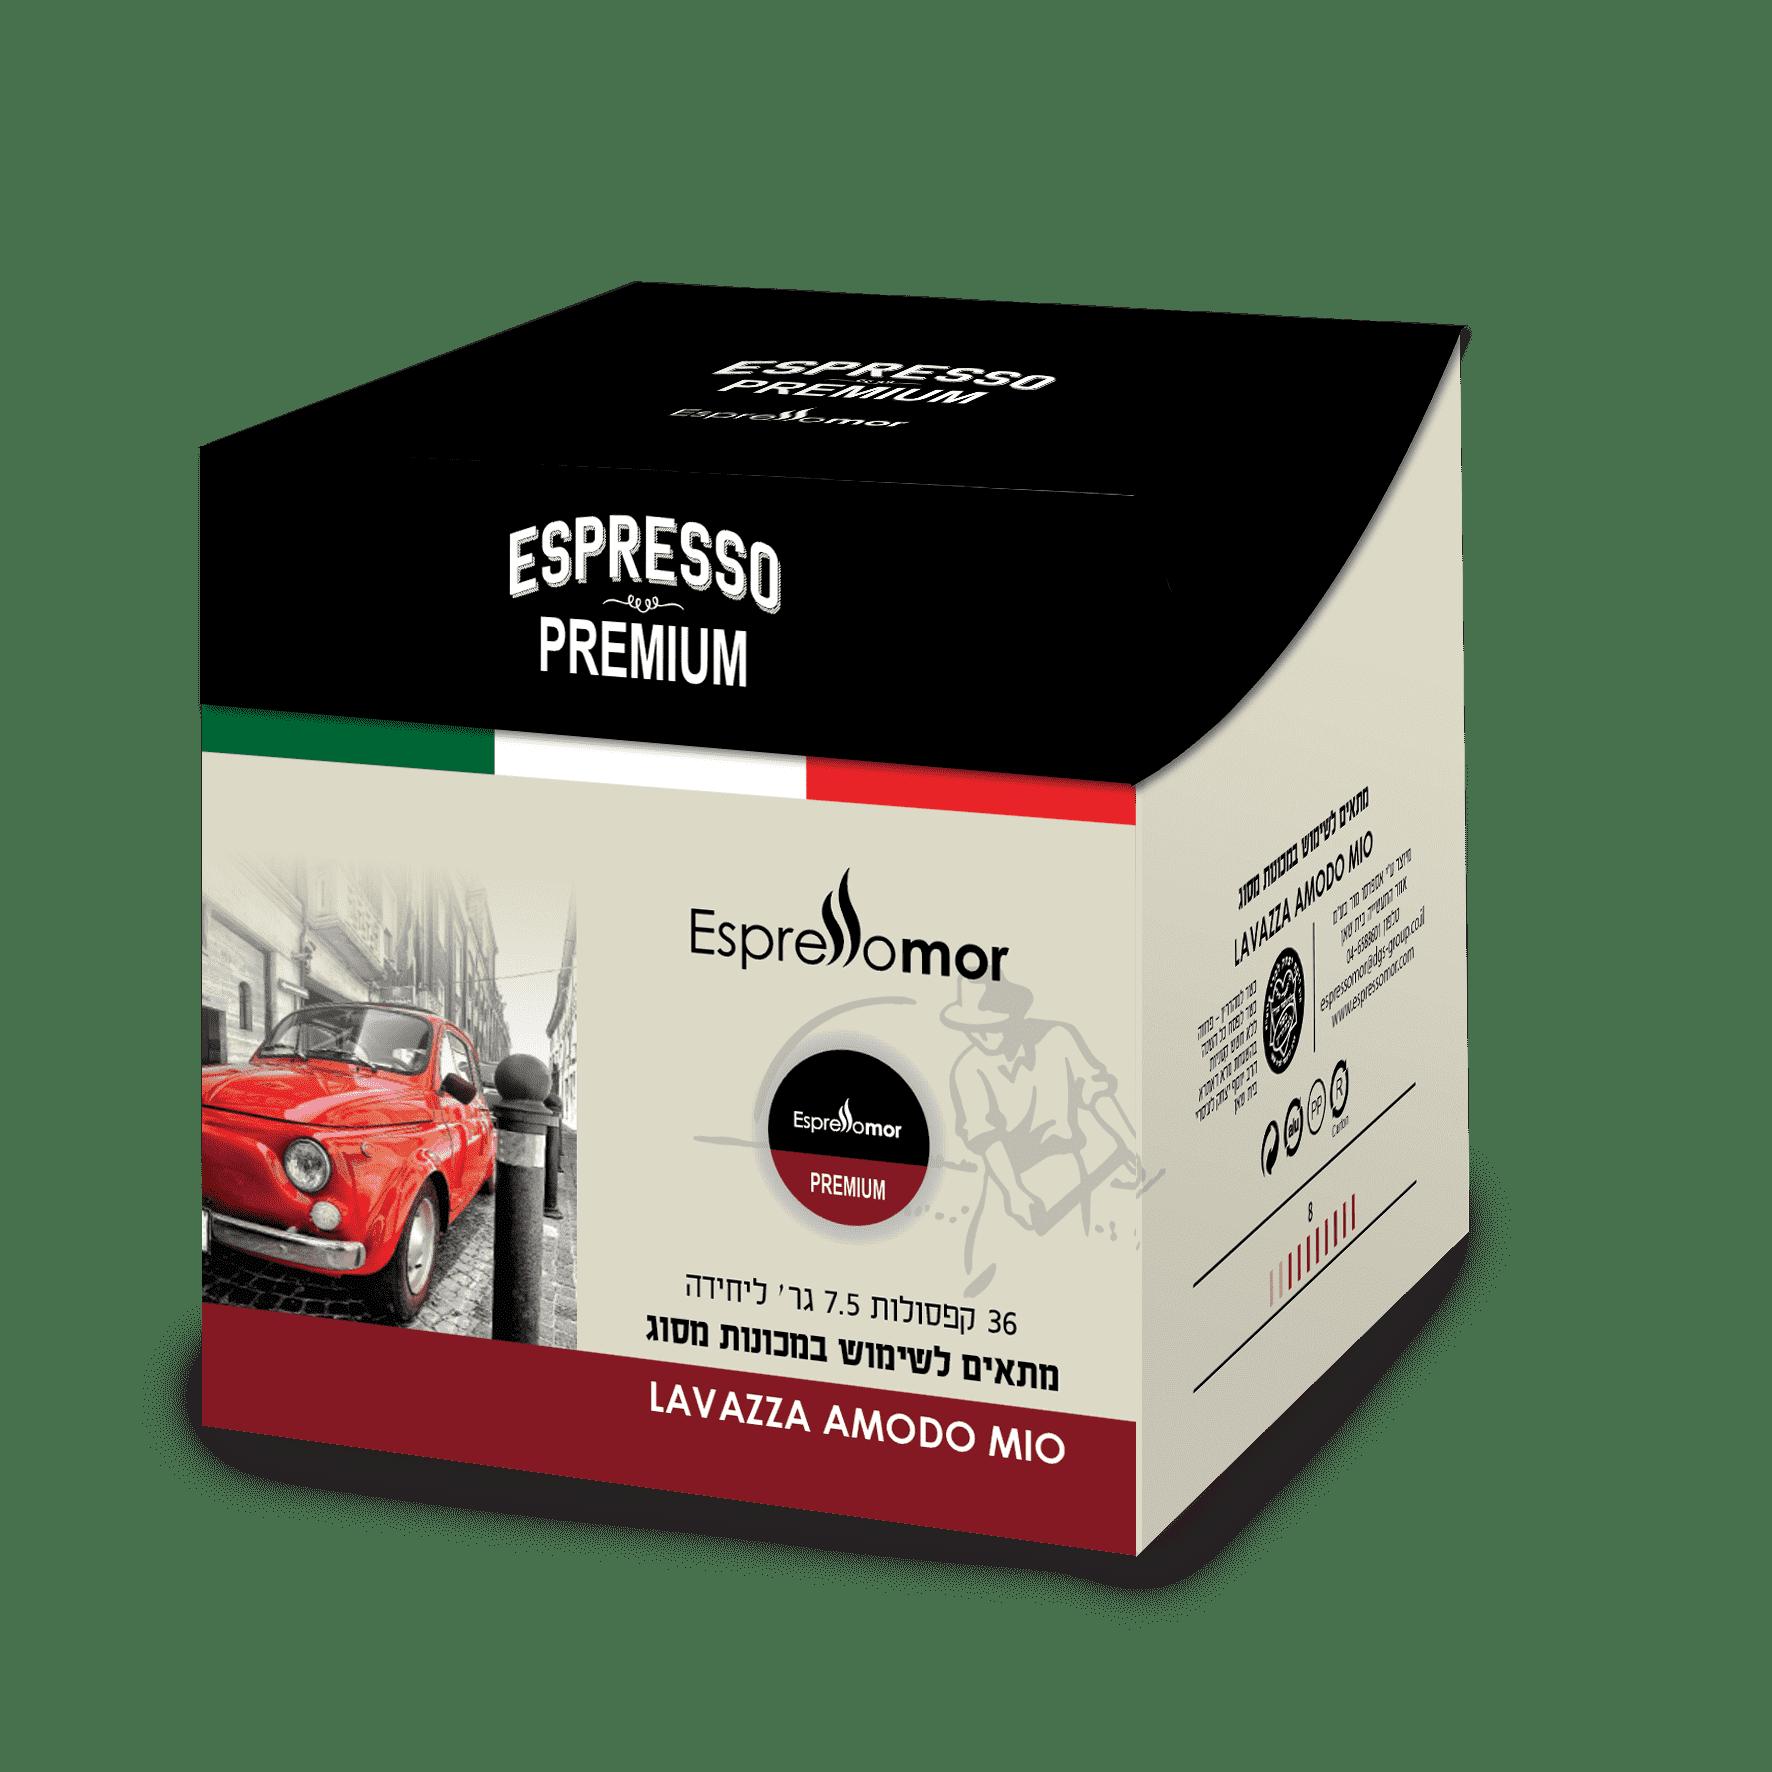 216 קפסולות Premium תואם Lavazza a modo mio , מחיר יח' 0.92 שח